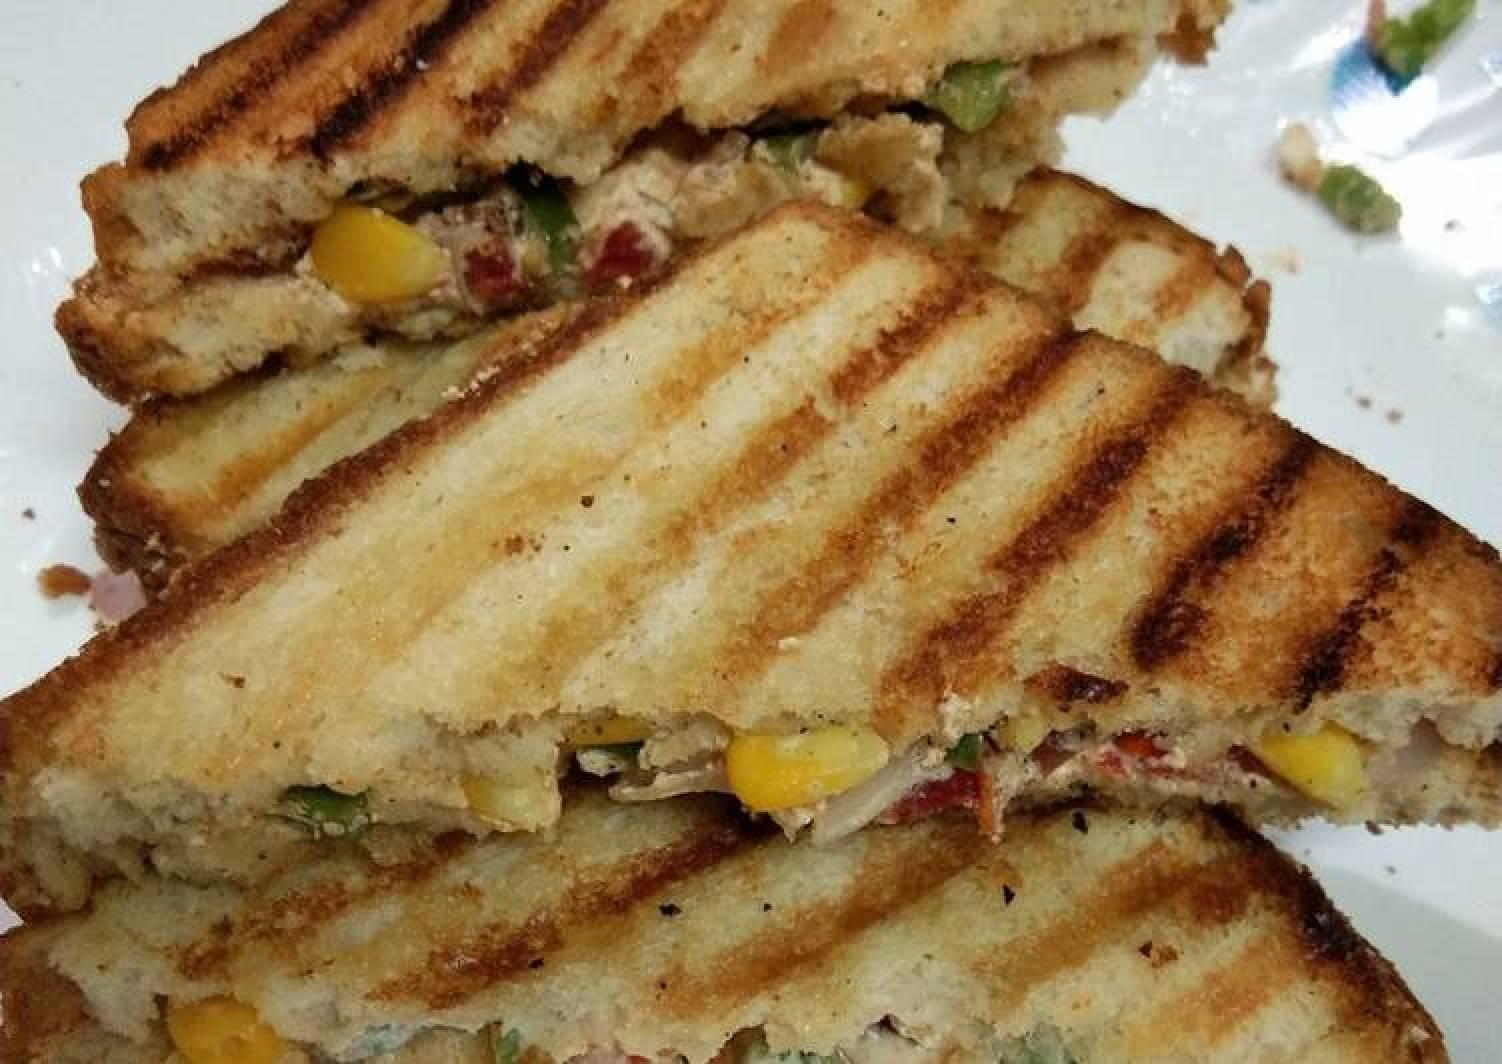 Peri peri grilled sandwich